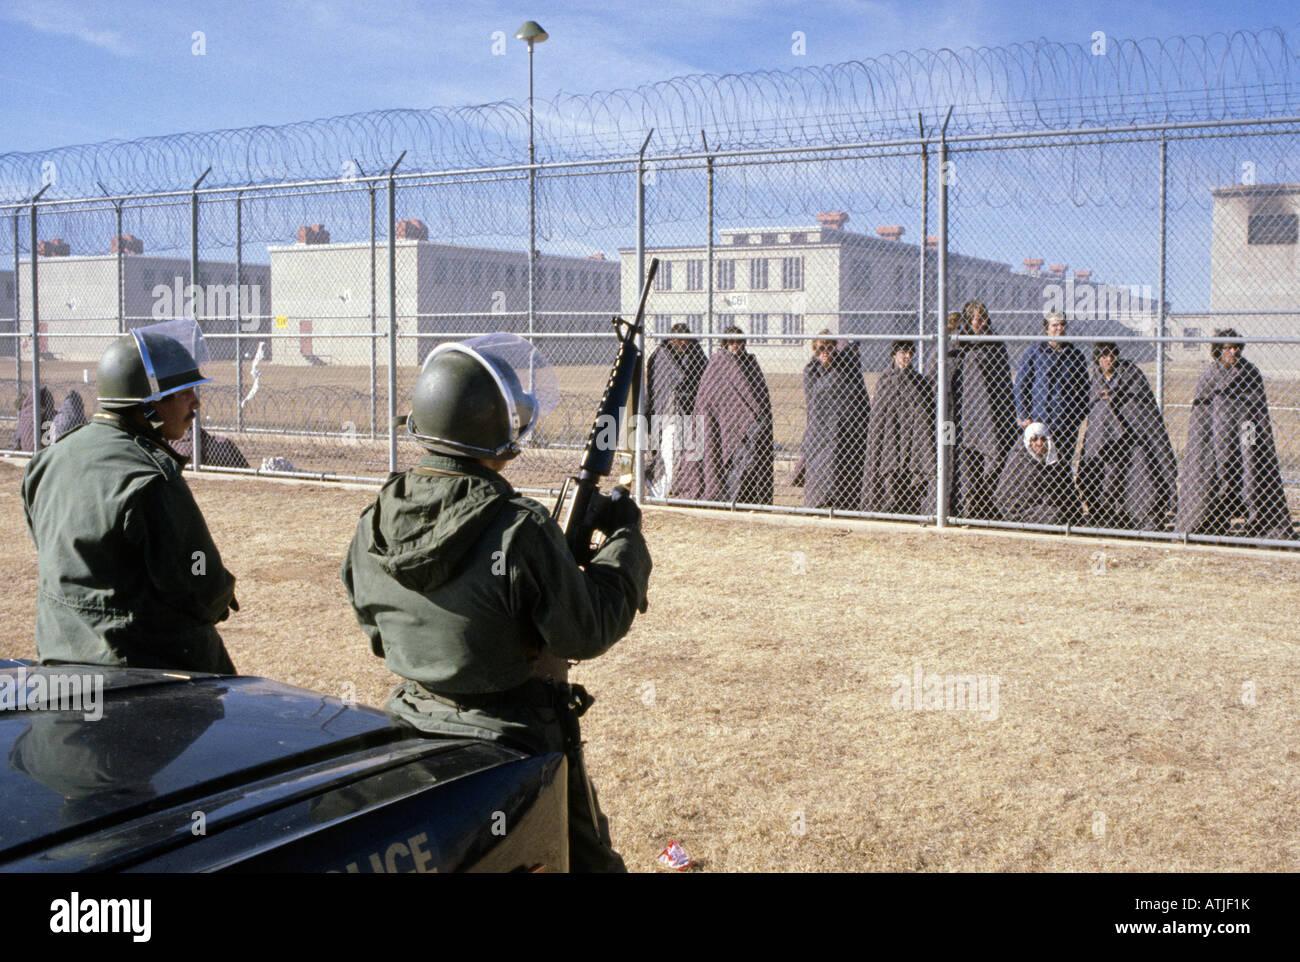 Los presos que participaron en el motín penitenciario del Estado de Nuevo México son custodiados por efectivos de Foto de stock